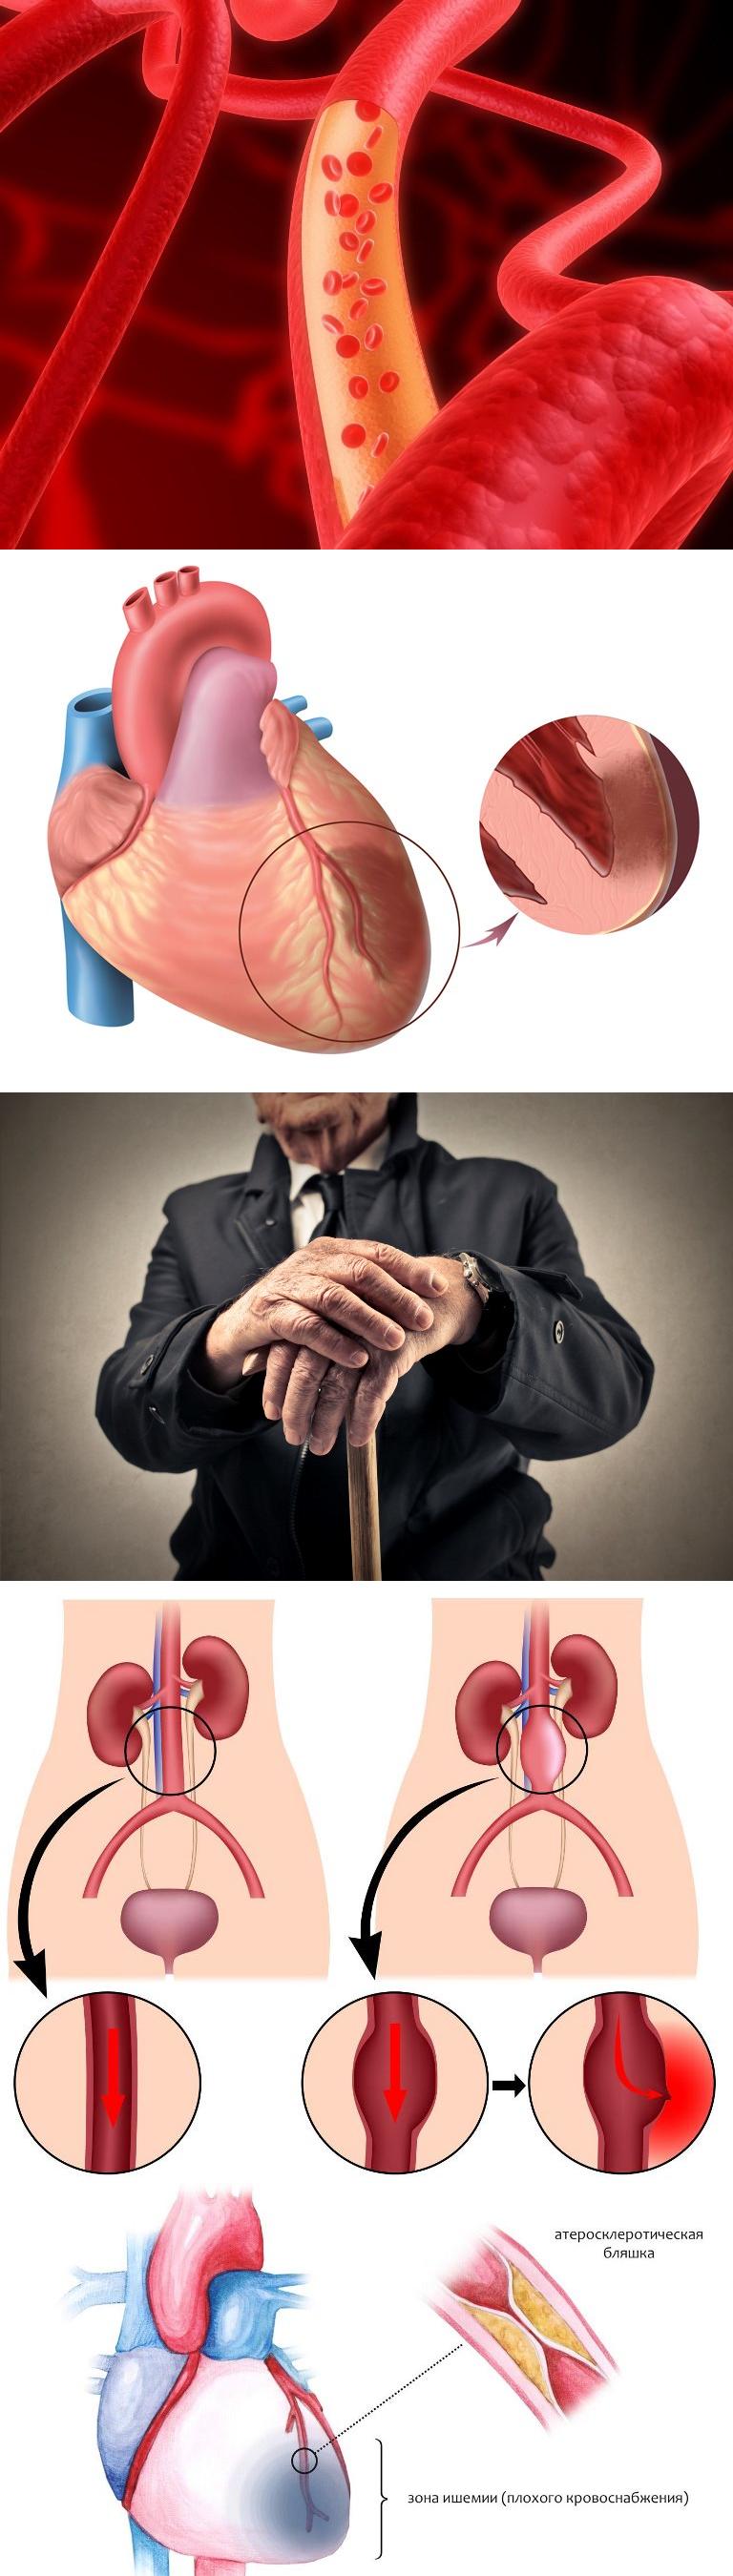 Атеросклероз сосудов сердца - симптомы и лечение. журнал медикал